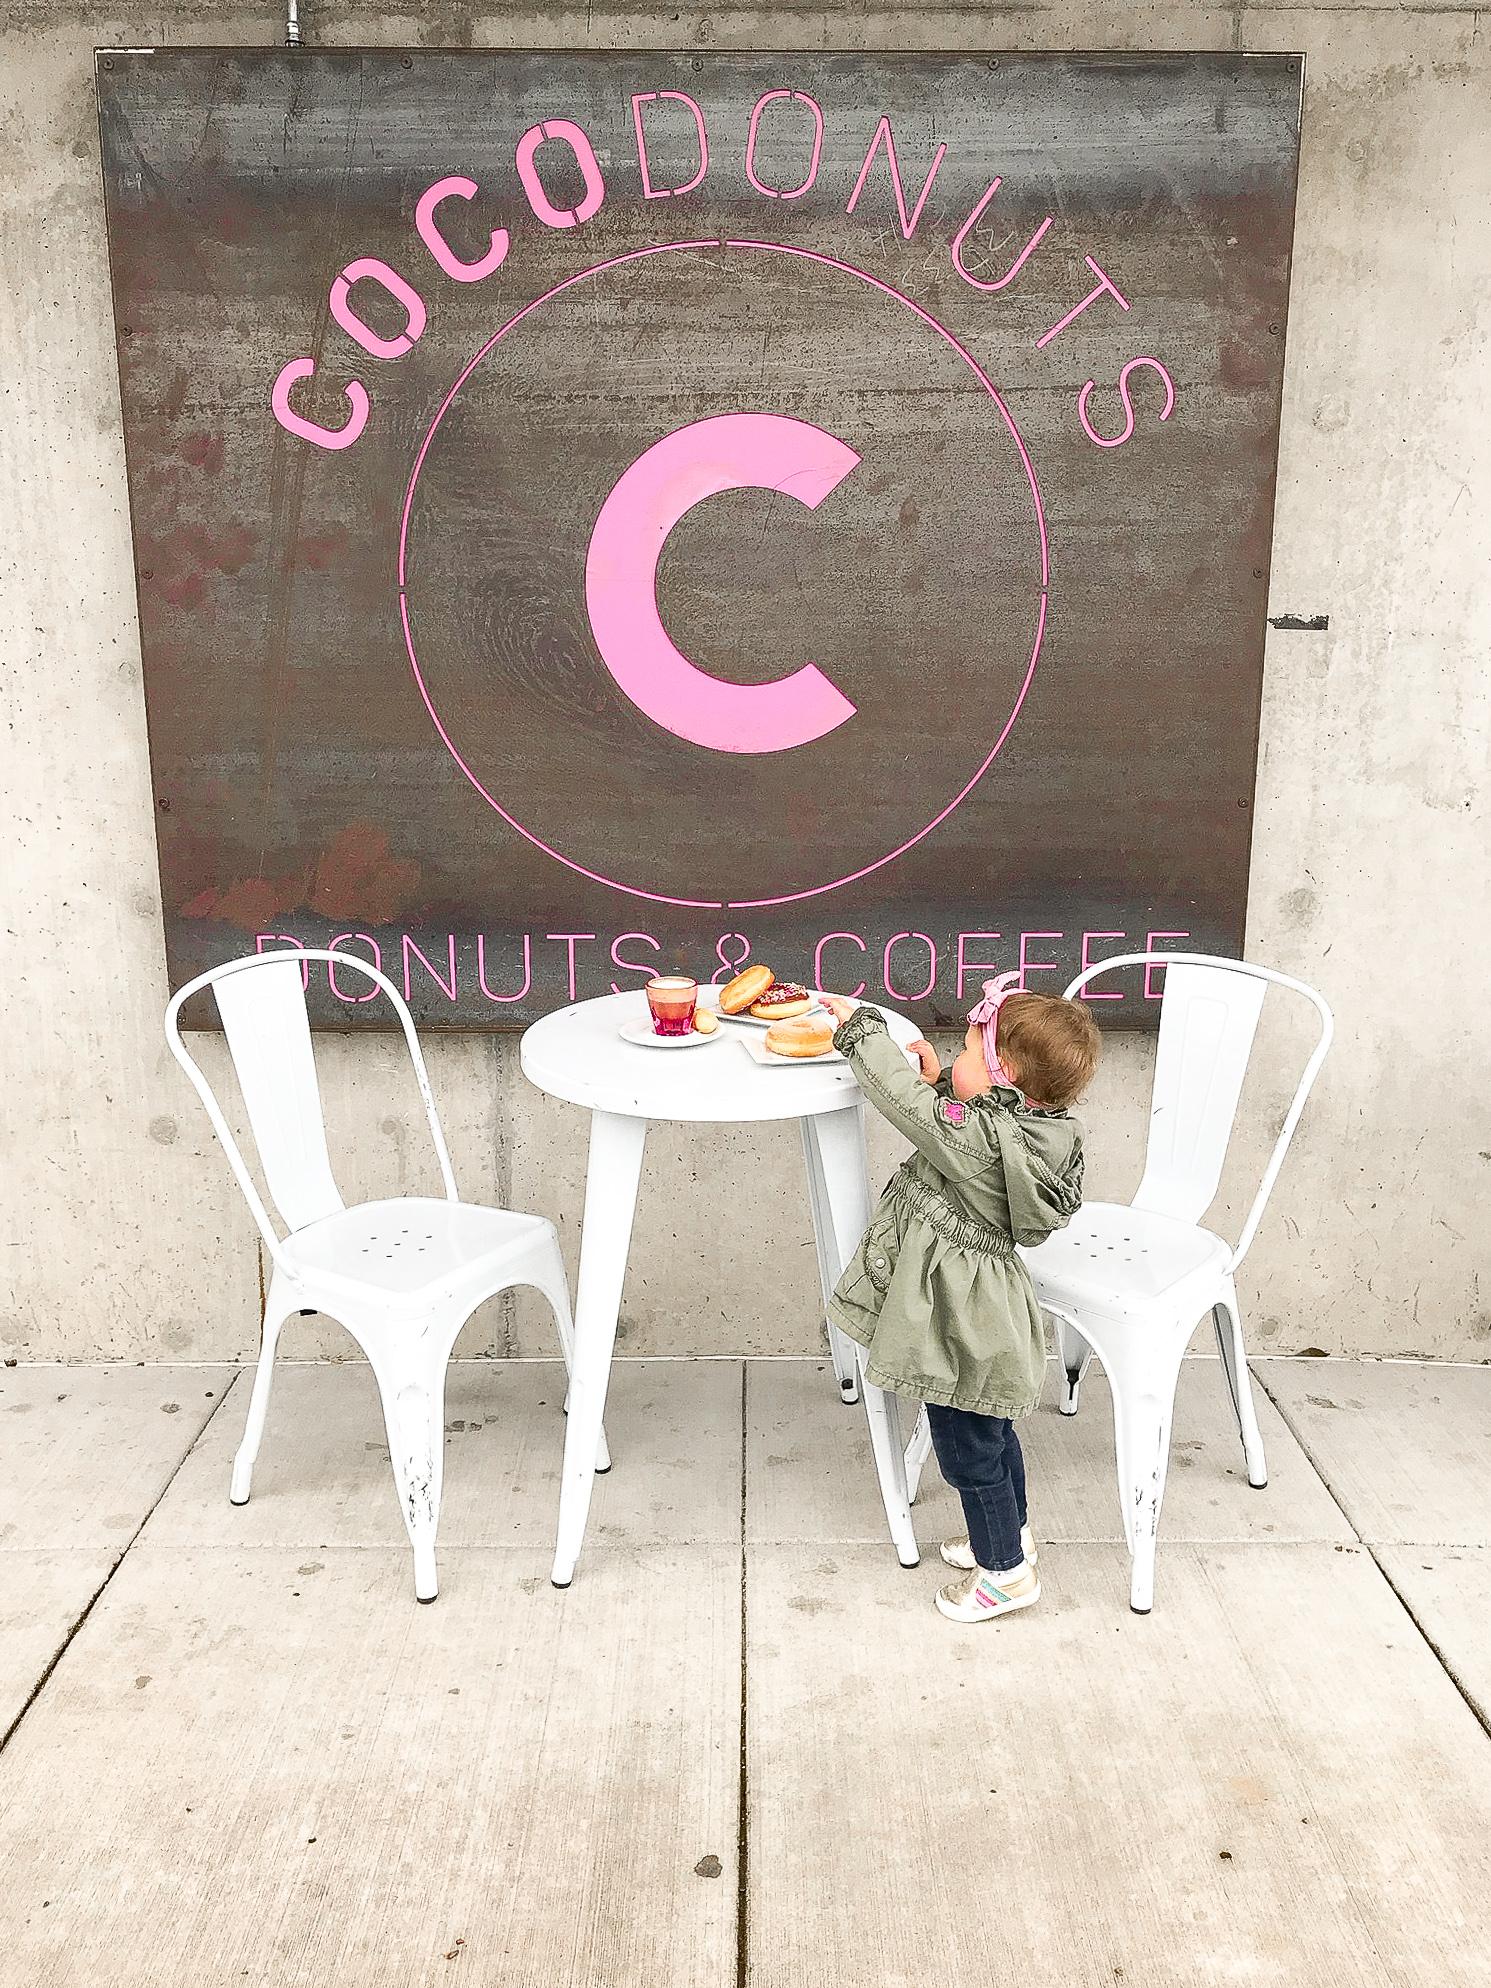 Stella Donuts Style by Julianne 2019